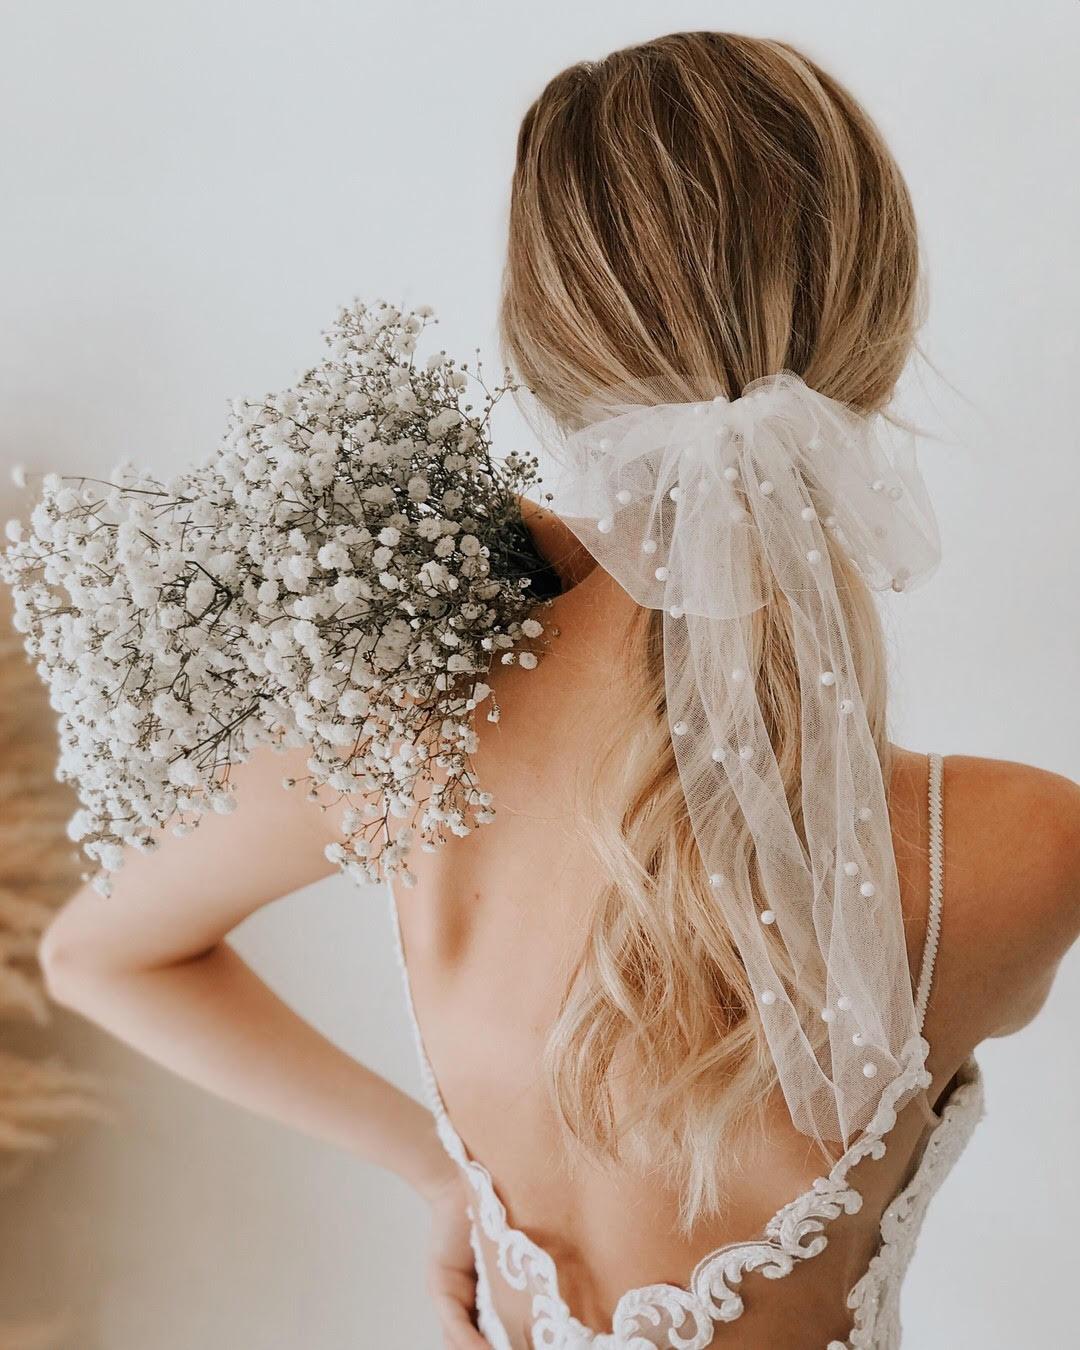 Untamed Petals bridal hair bow